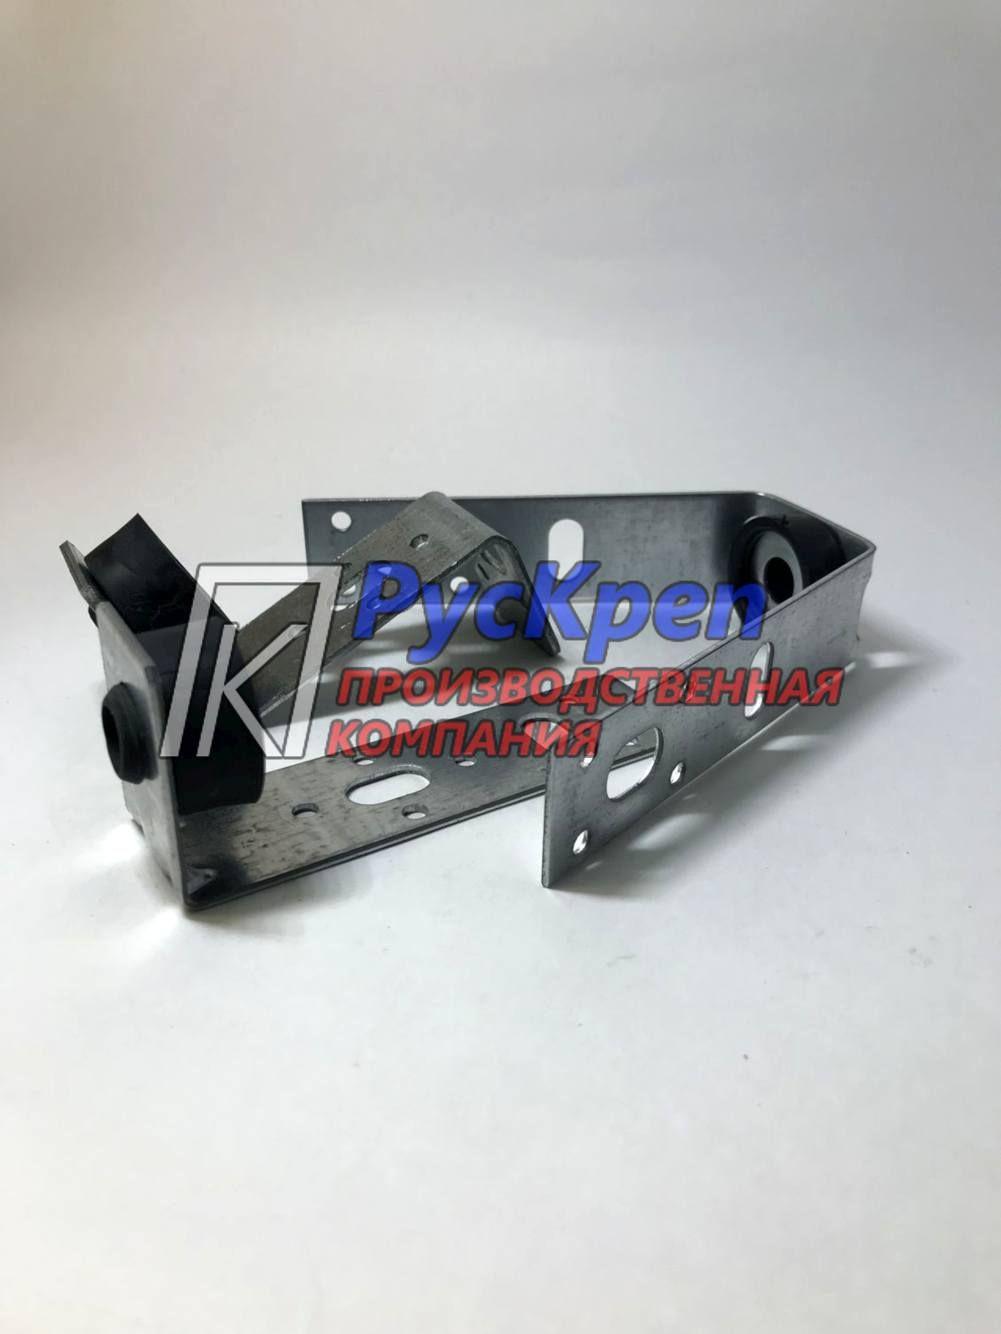 Кронштейн сложный L, Z, V- образный крепёж м8 \м10 с виброгасителем | Производство трубных хомутов